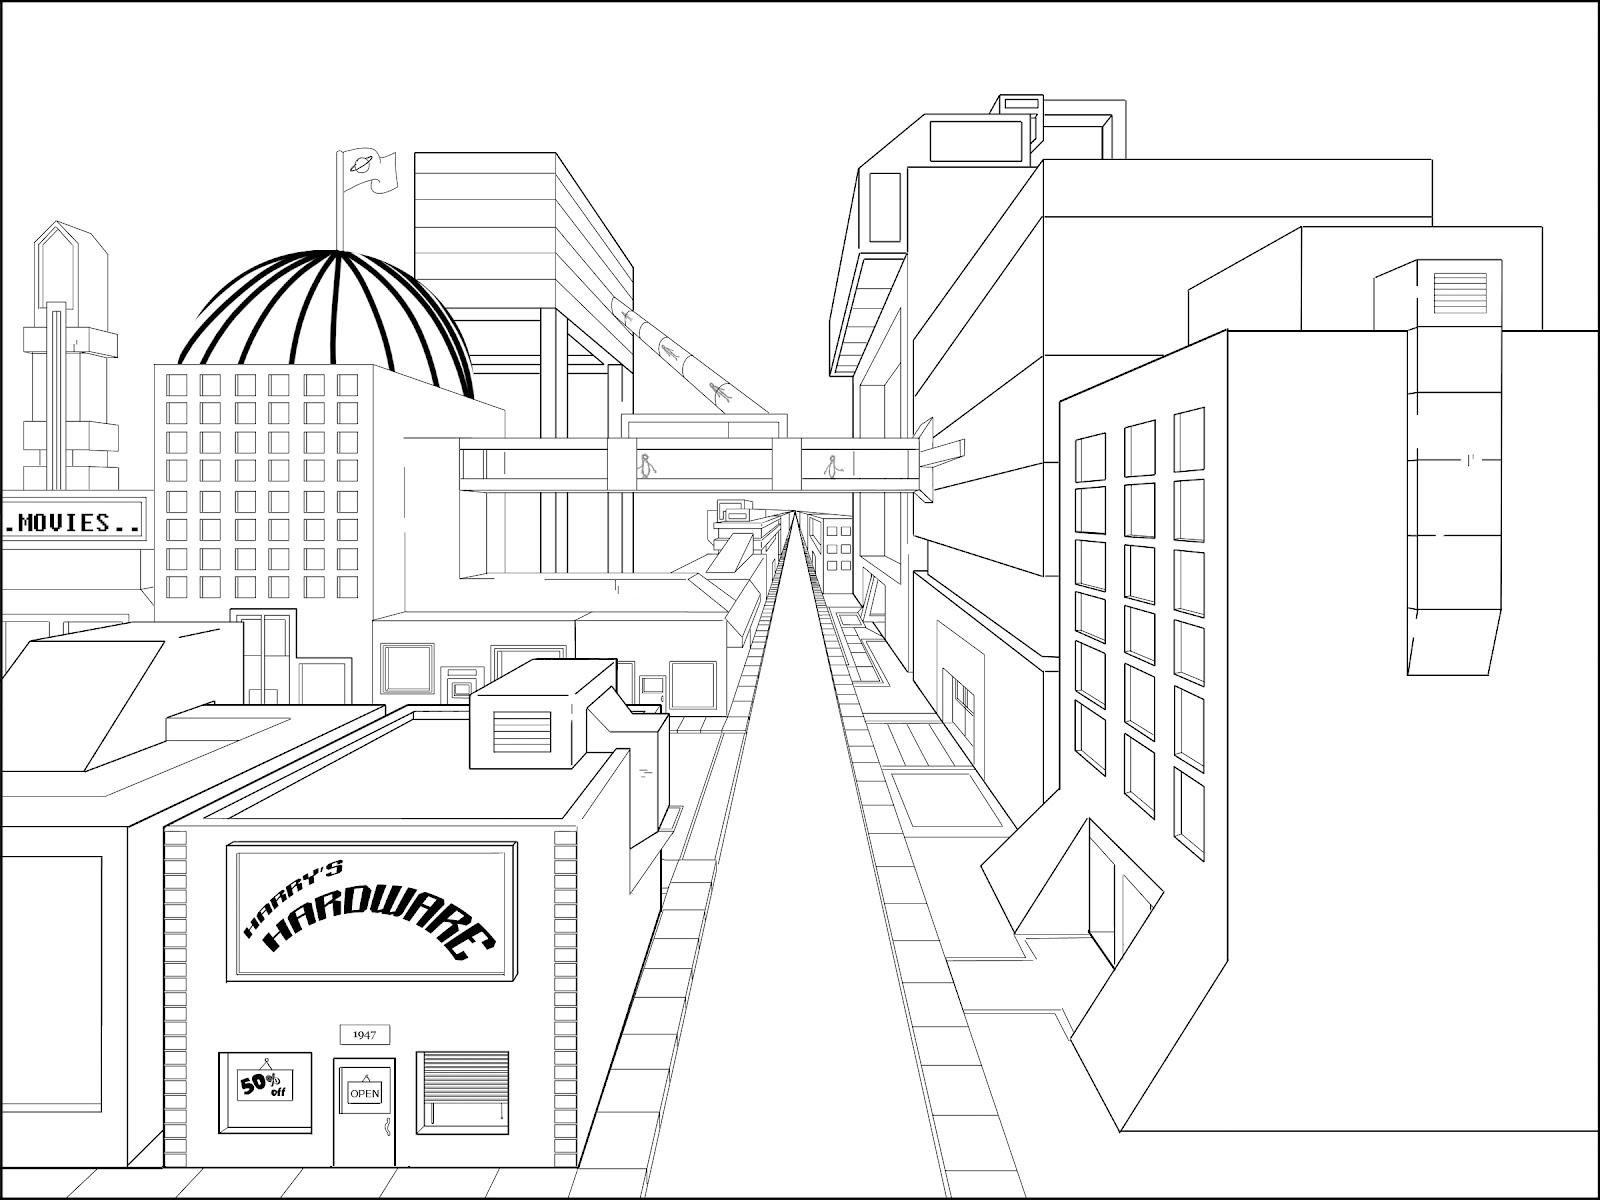 1600x1200 Bill Landwehr Animation City Street Layout